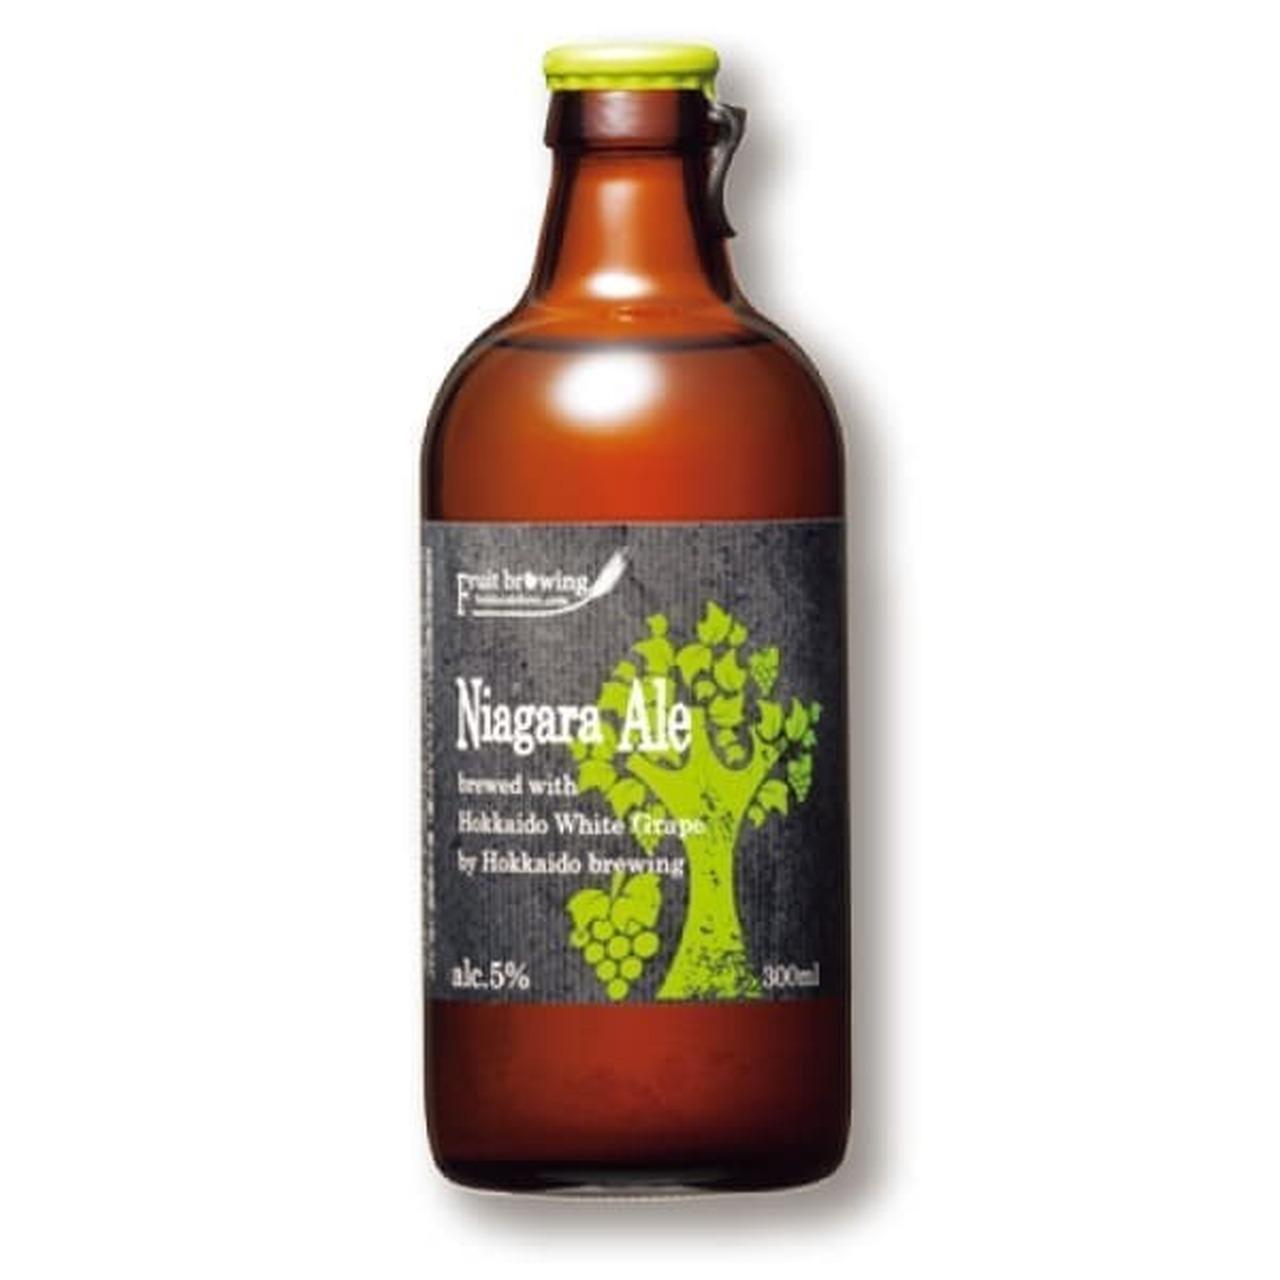 北海道麦酒醸造 フルーツブルーイン「ナイアガラエール」